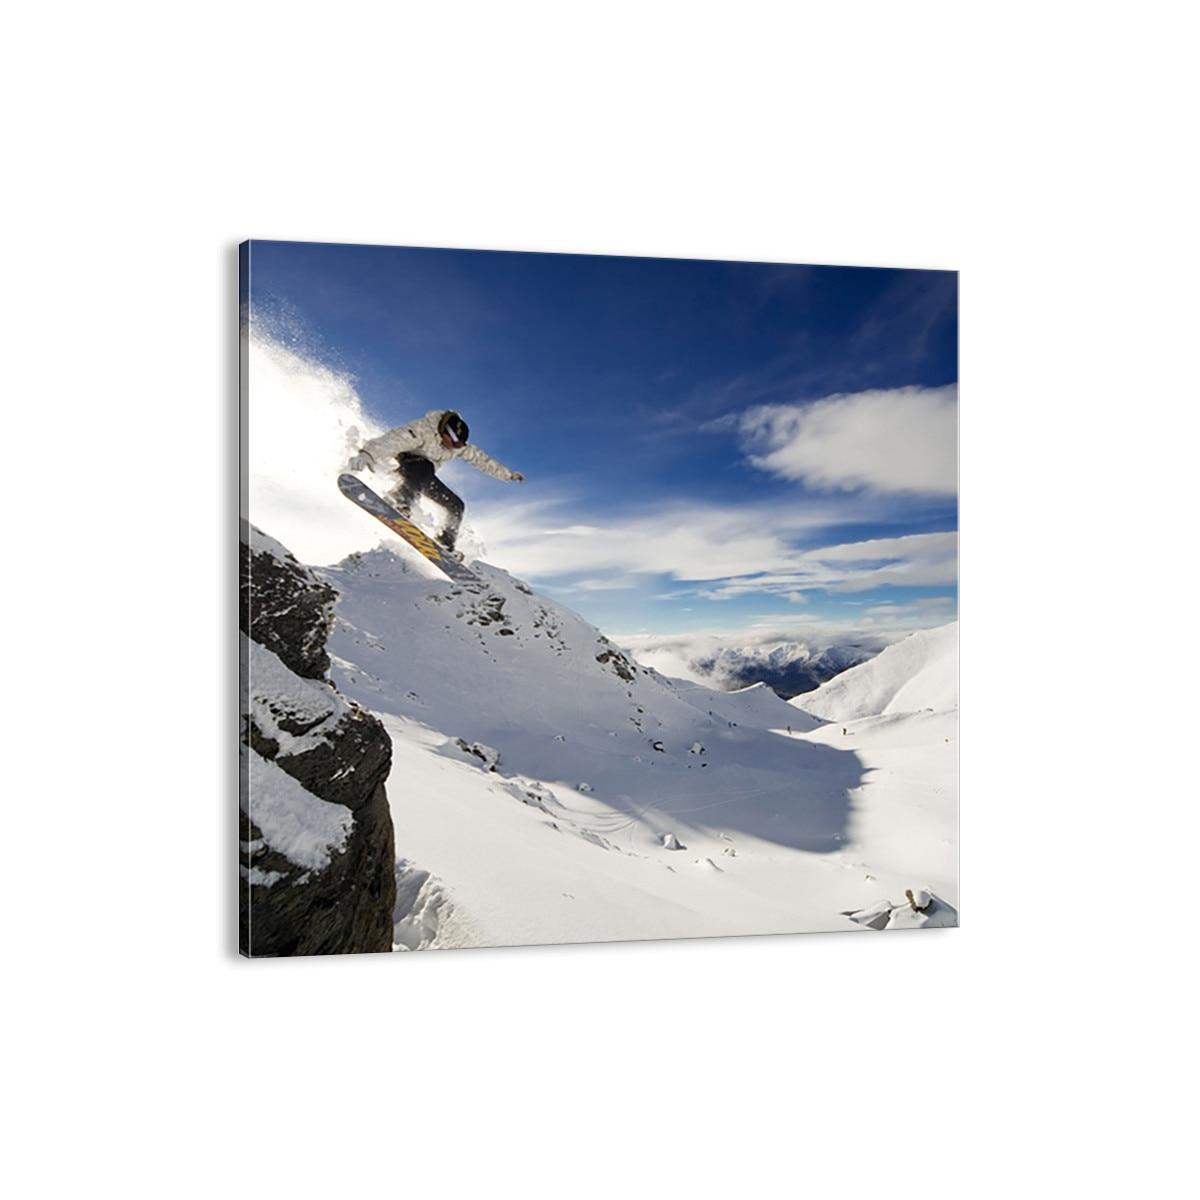 Câte calorii arzi într-o oră de snowboarding